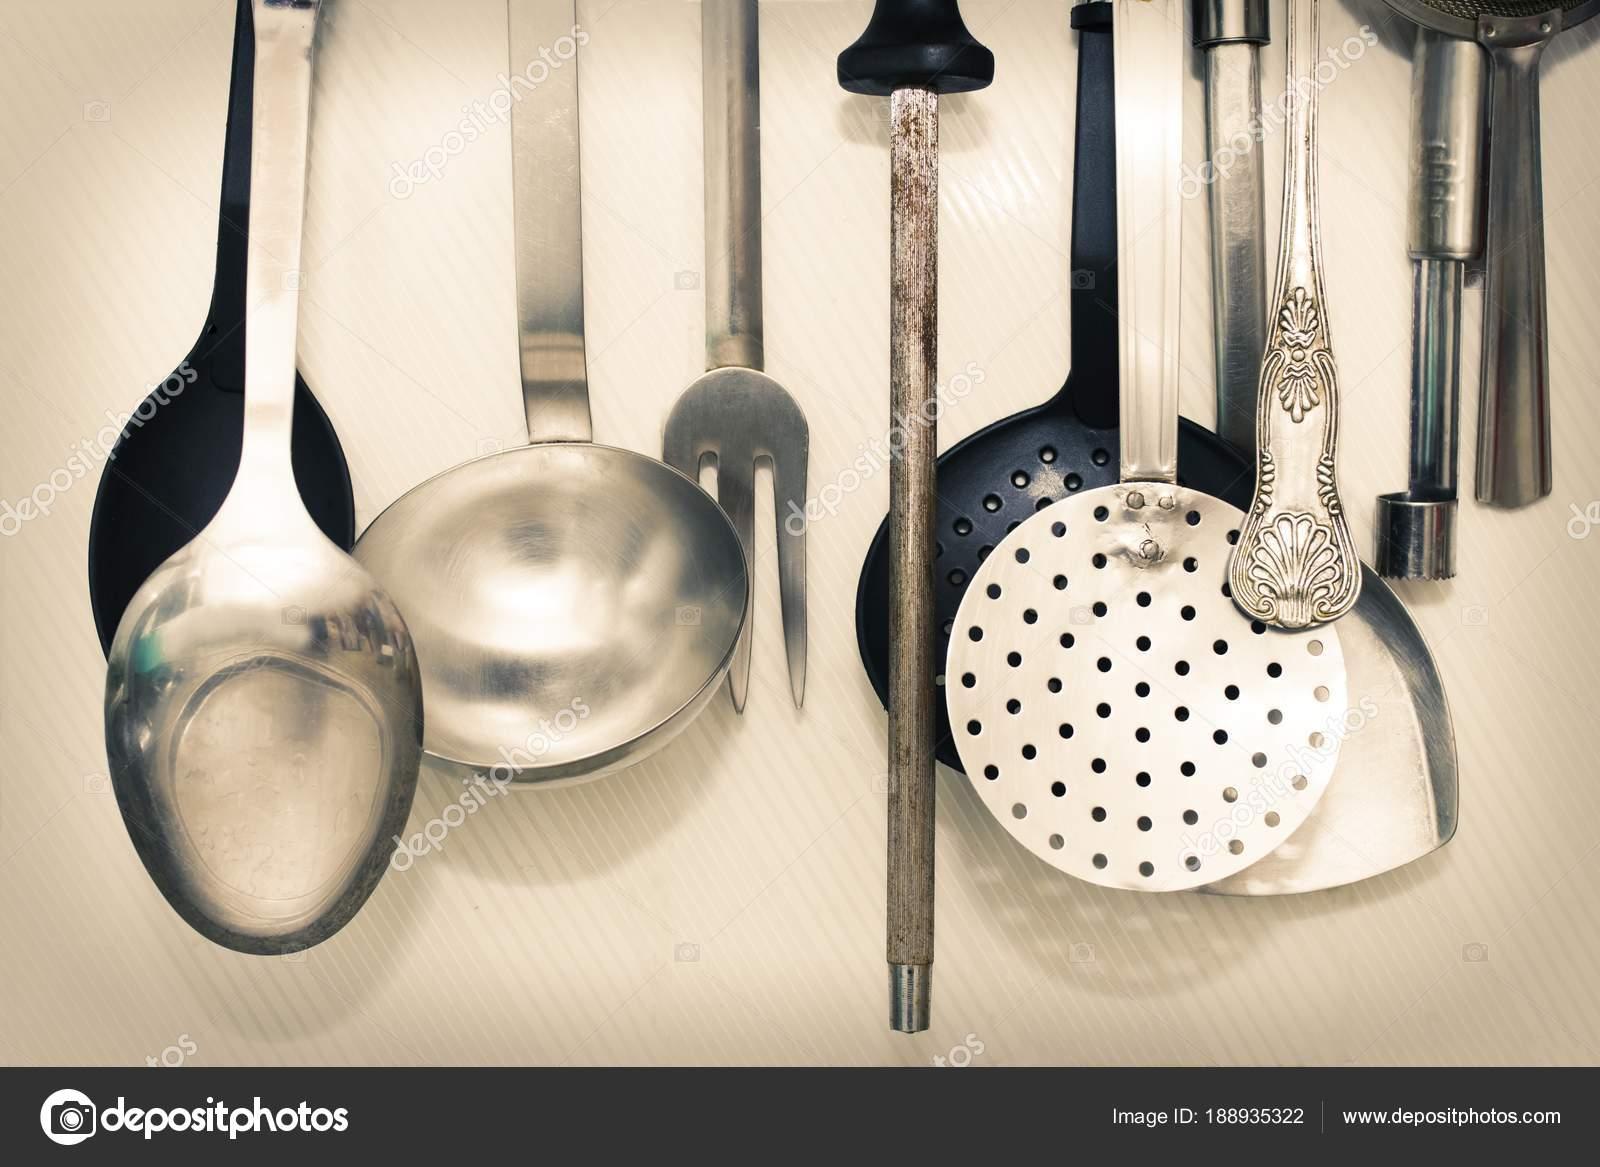 Küchenutensilien Die Die Wand Gehängt — Stockfoto © carballo #188935322